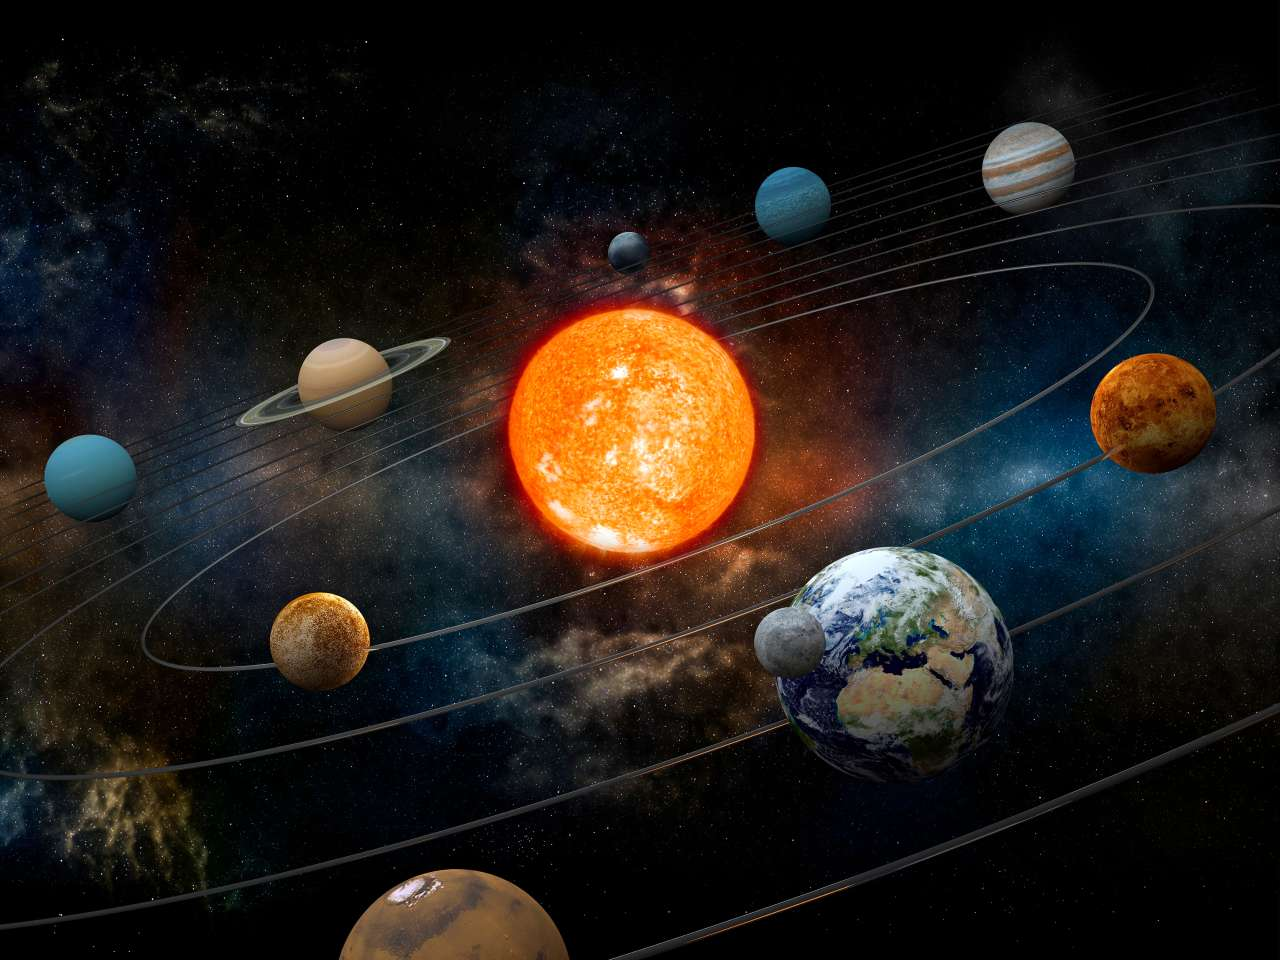 фото всех планет солнечной системы его установка